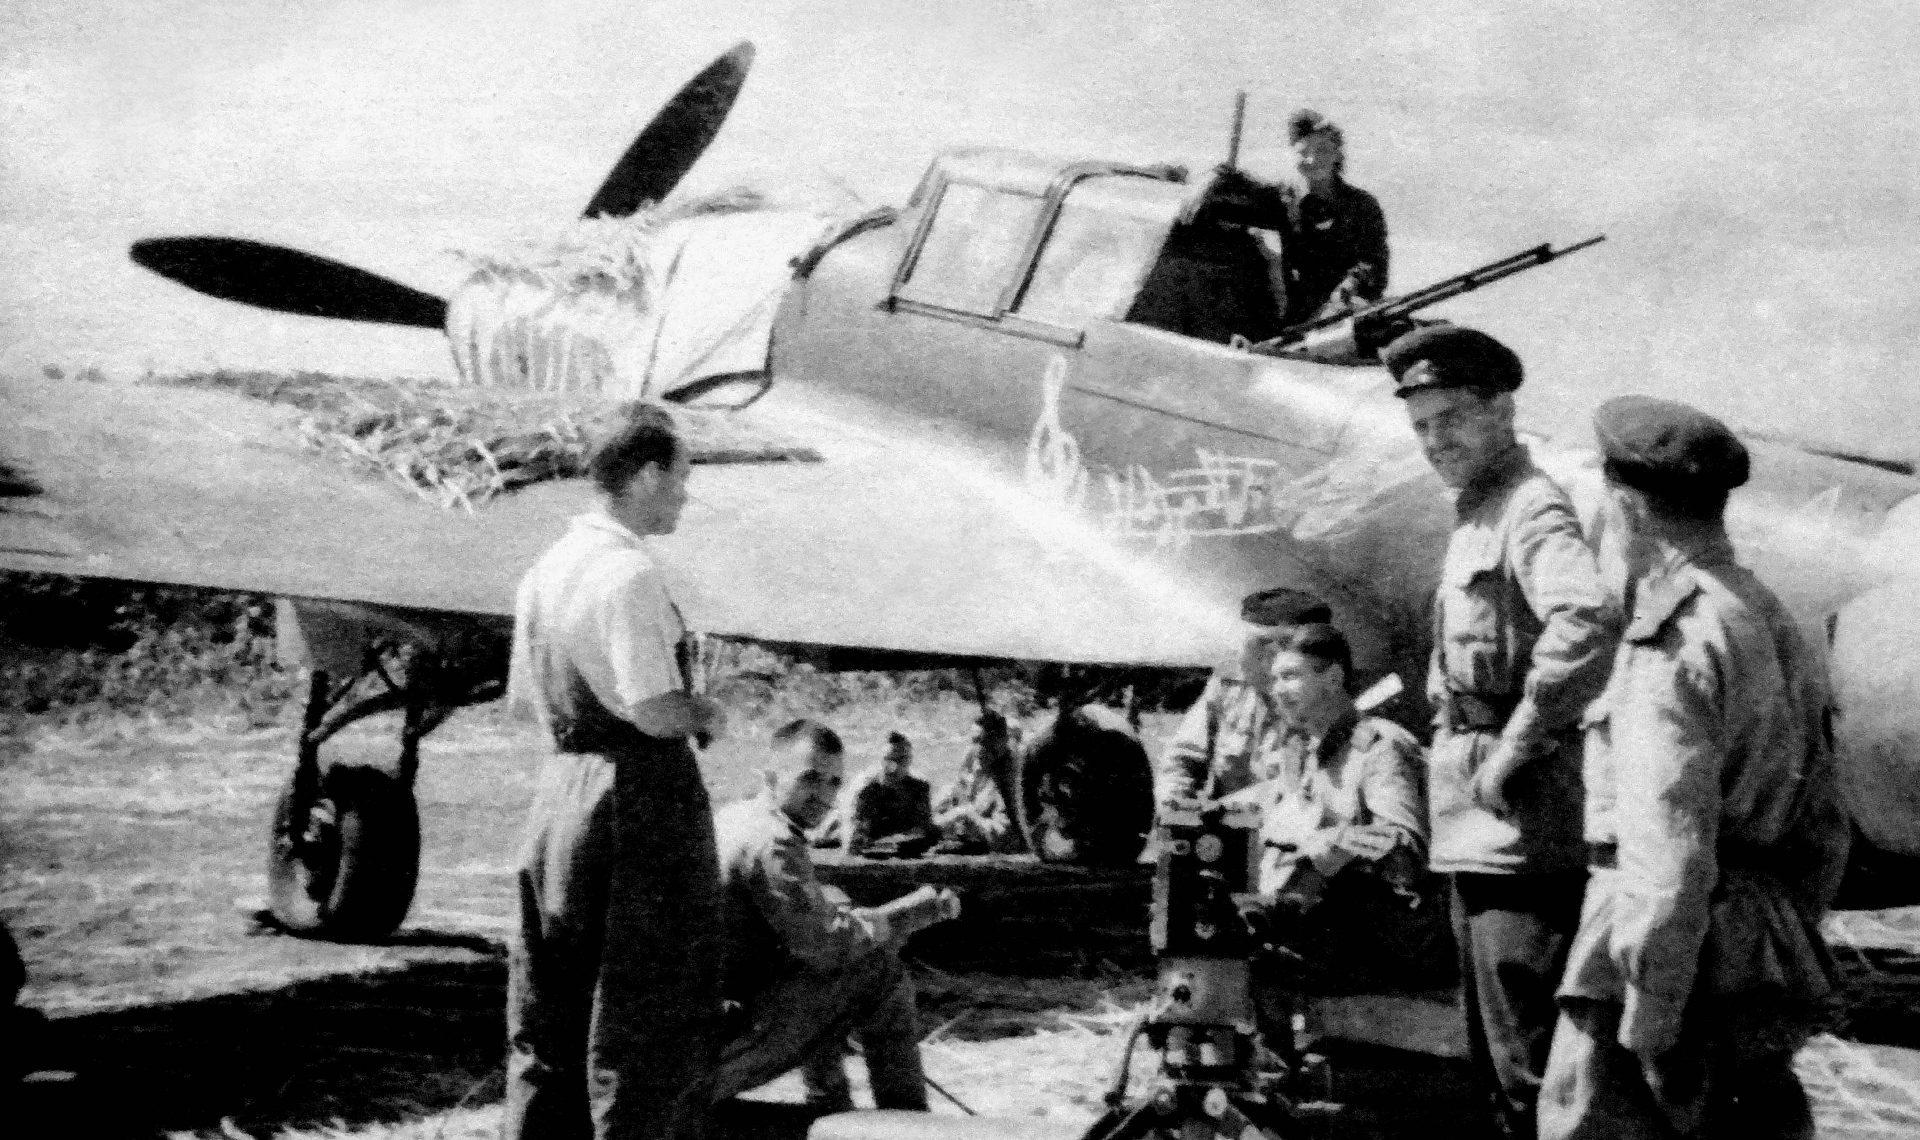 Экспонат #107. Командир Ил-2 Василий Емельяненко. 1943 год